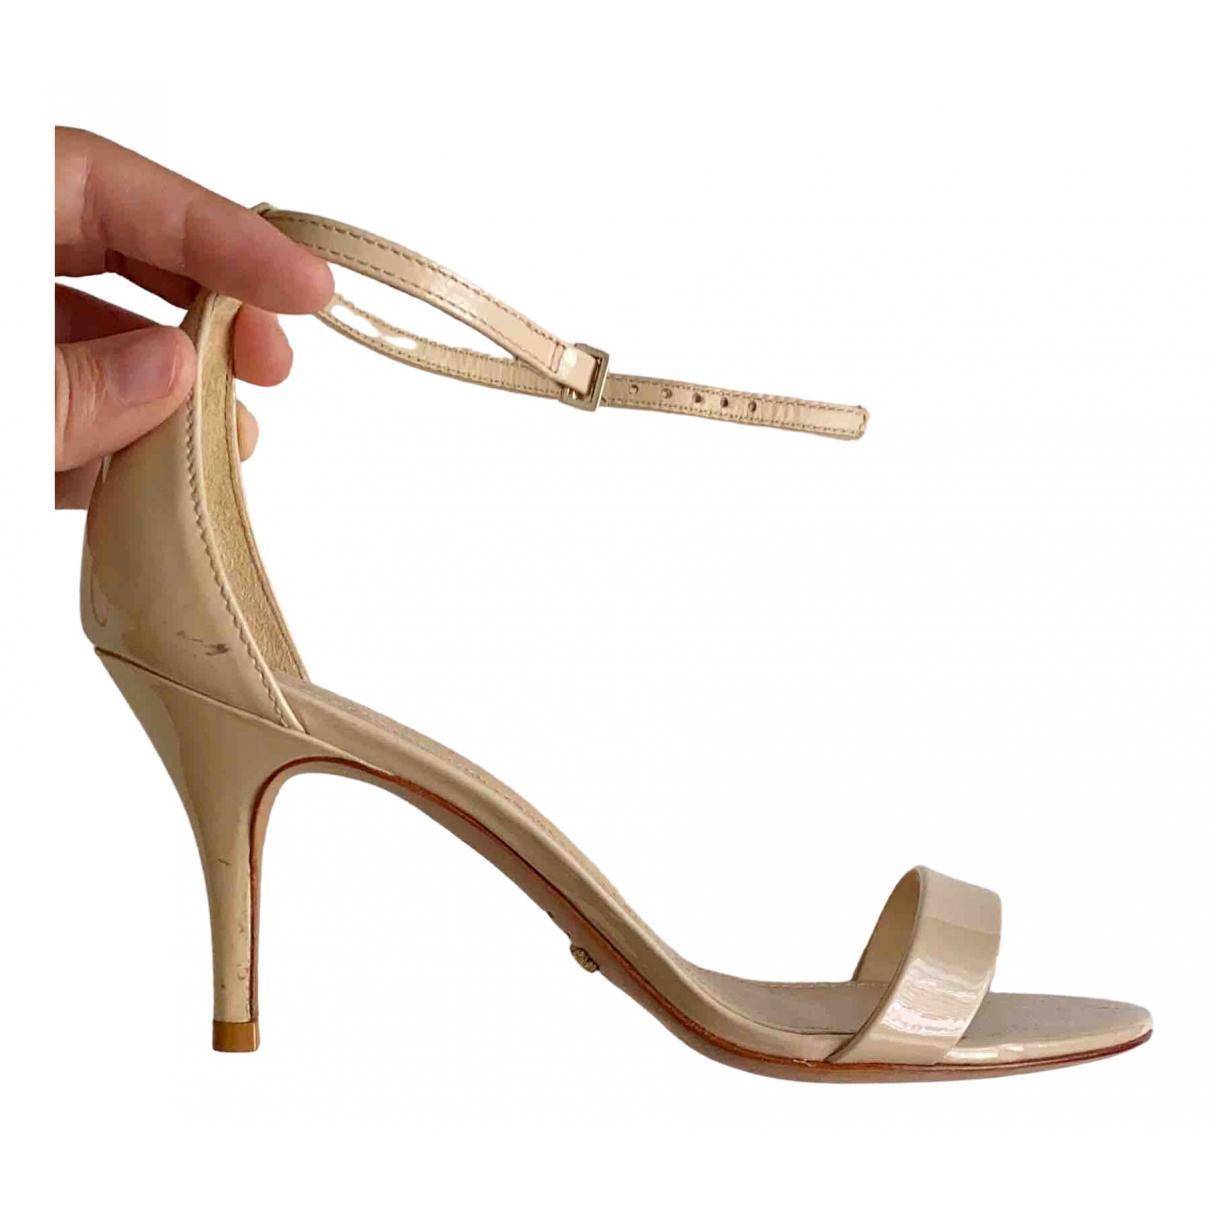 Schutz - Sandales   pour femme en cuir verni - beige